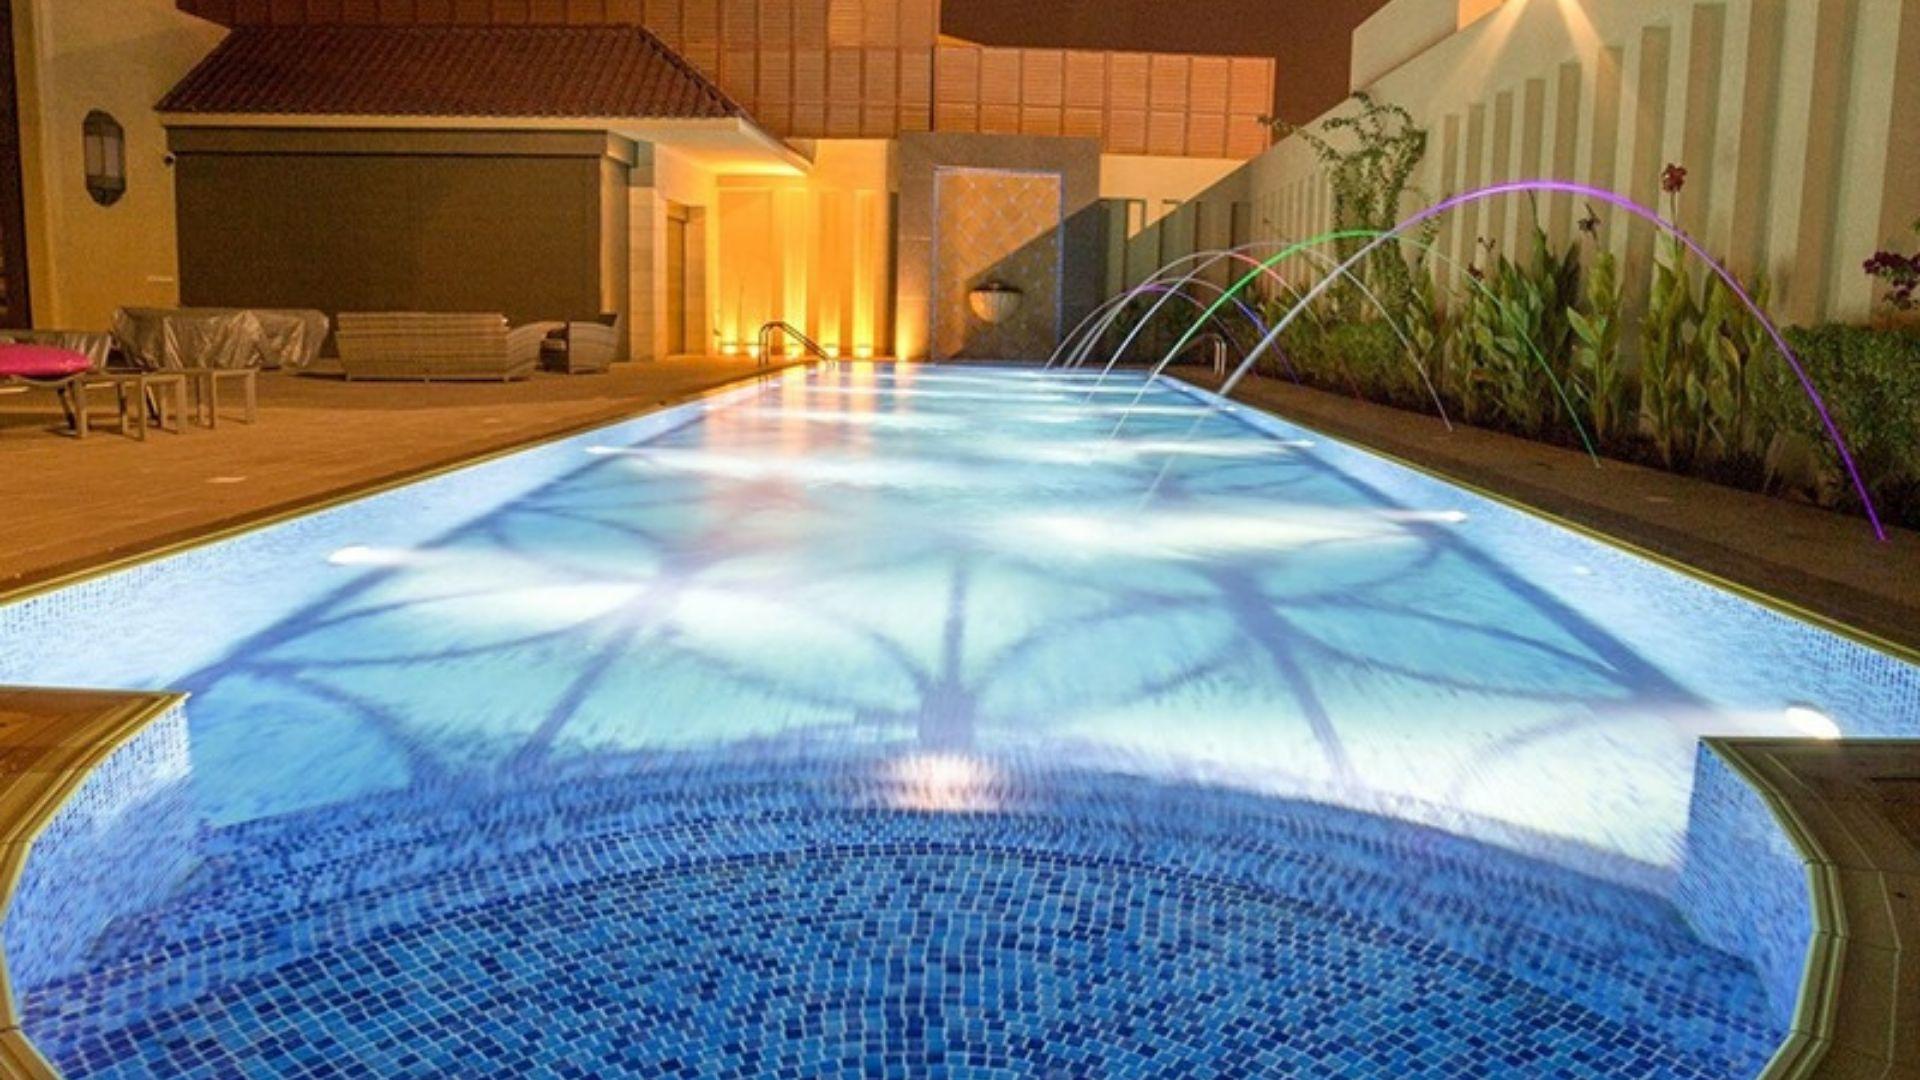 Si quieres reformar tu piscina, utiliza nuestros azulejos de diseño